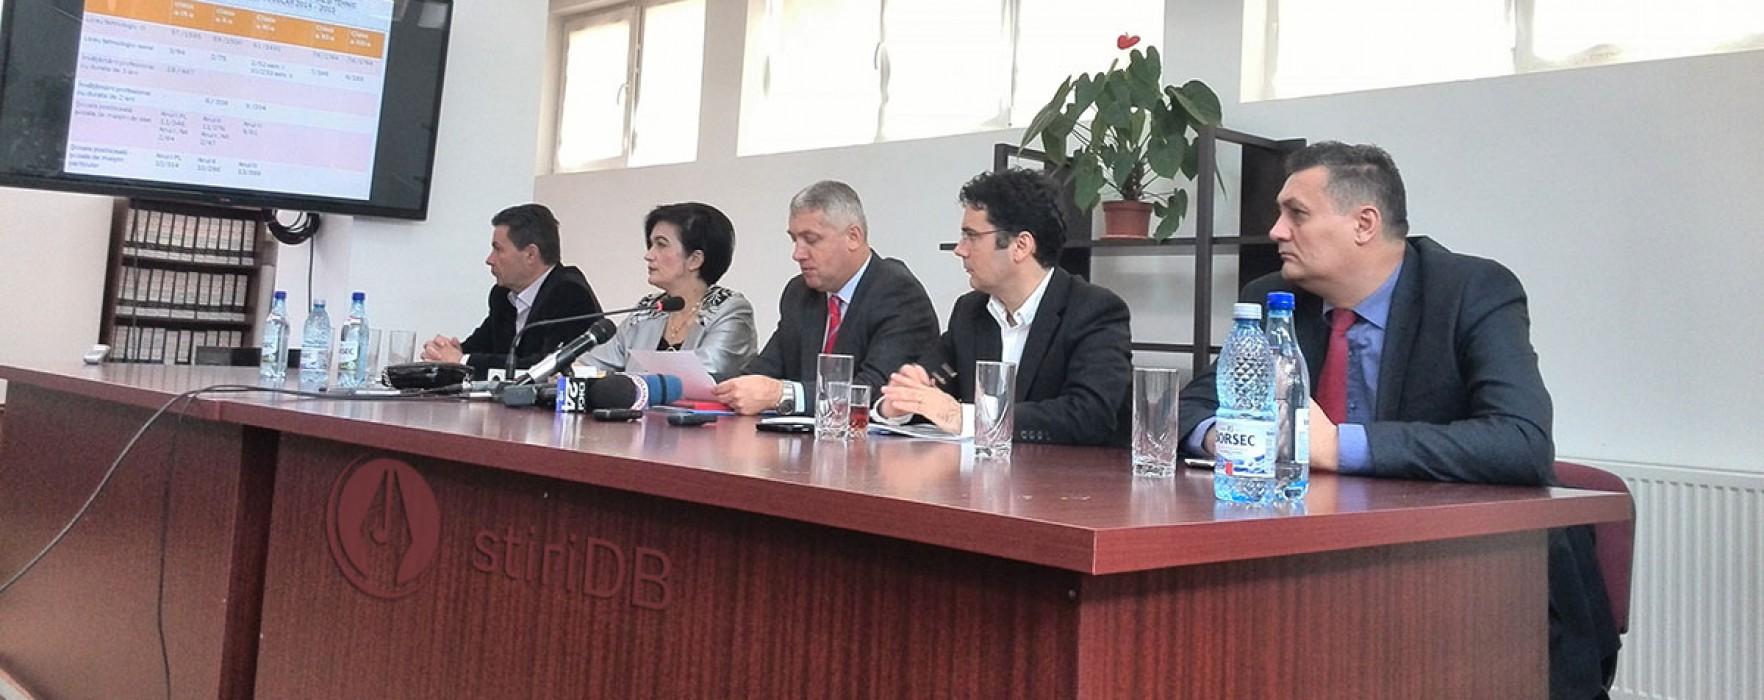 Remus Pricopie, la Târgovişte: Dialogul directori licee tehnologice-oameni de afaceri, benefic